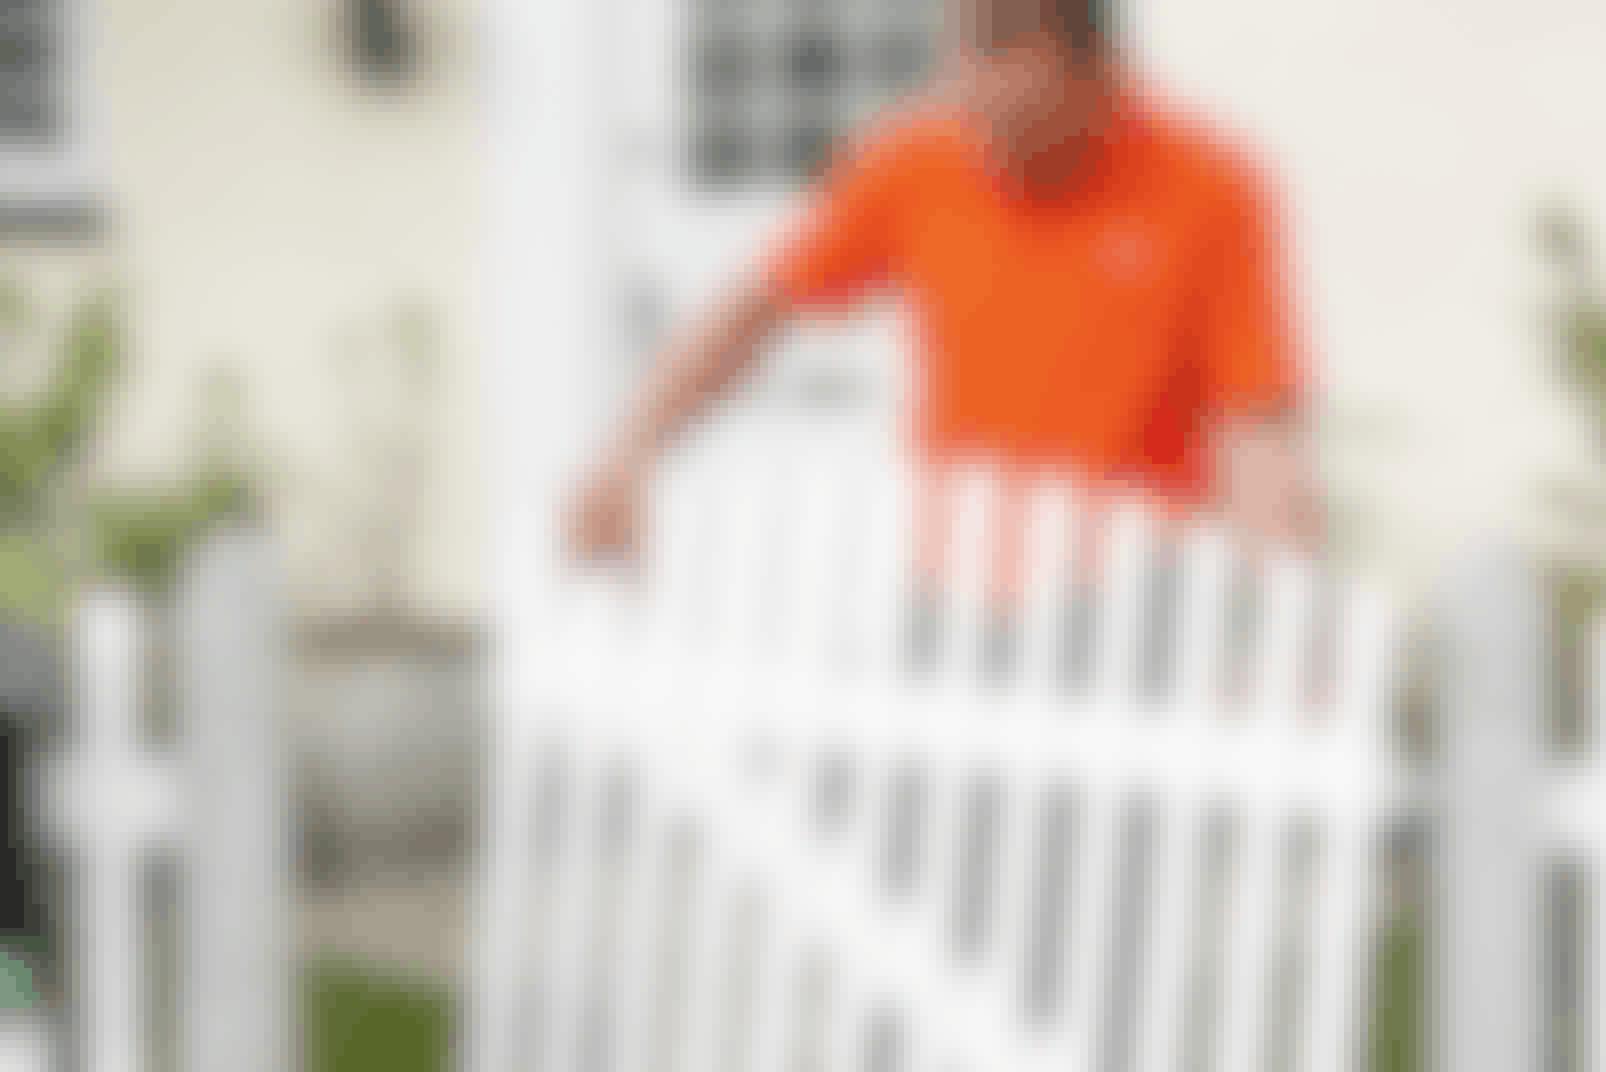 När du har tagit loss en hel modul av staketet går det snabbt att kapa spjälorna nertill.